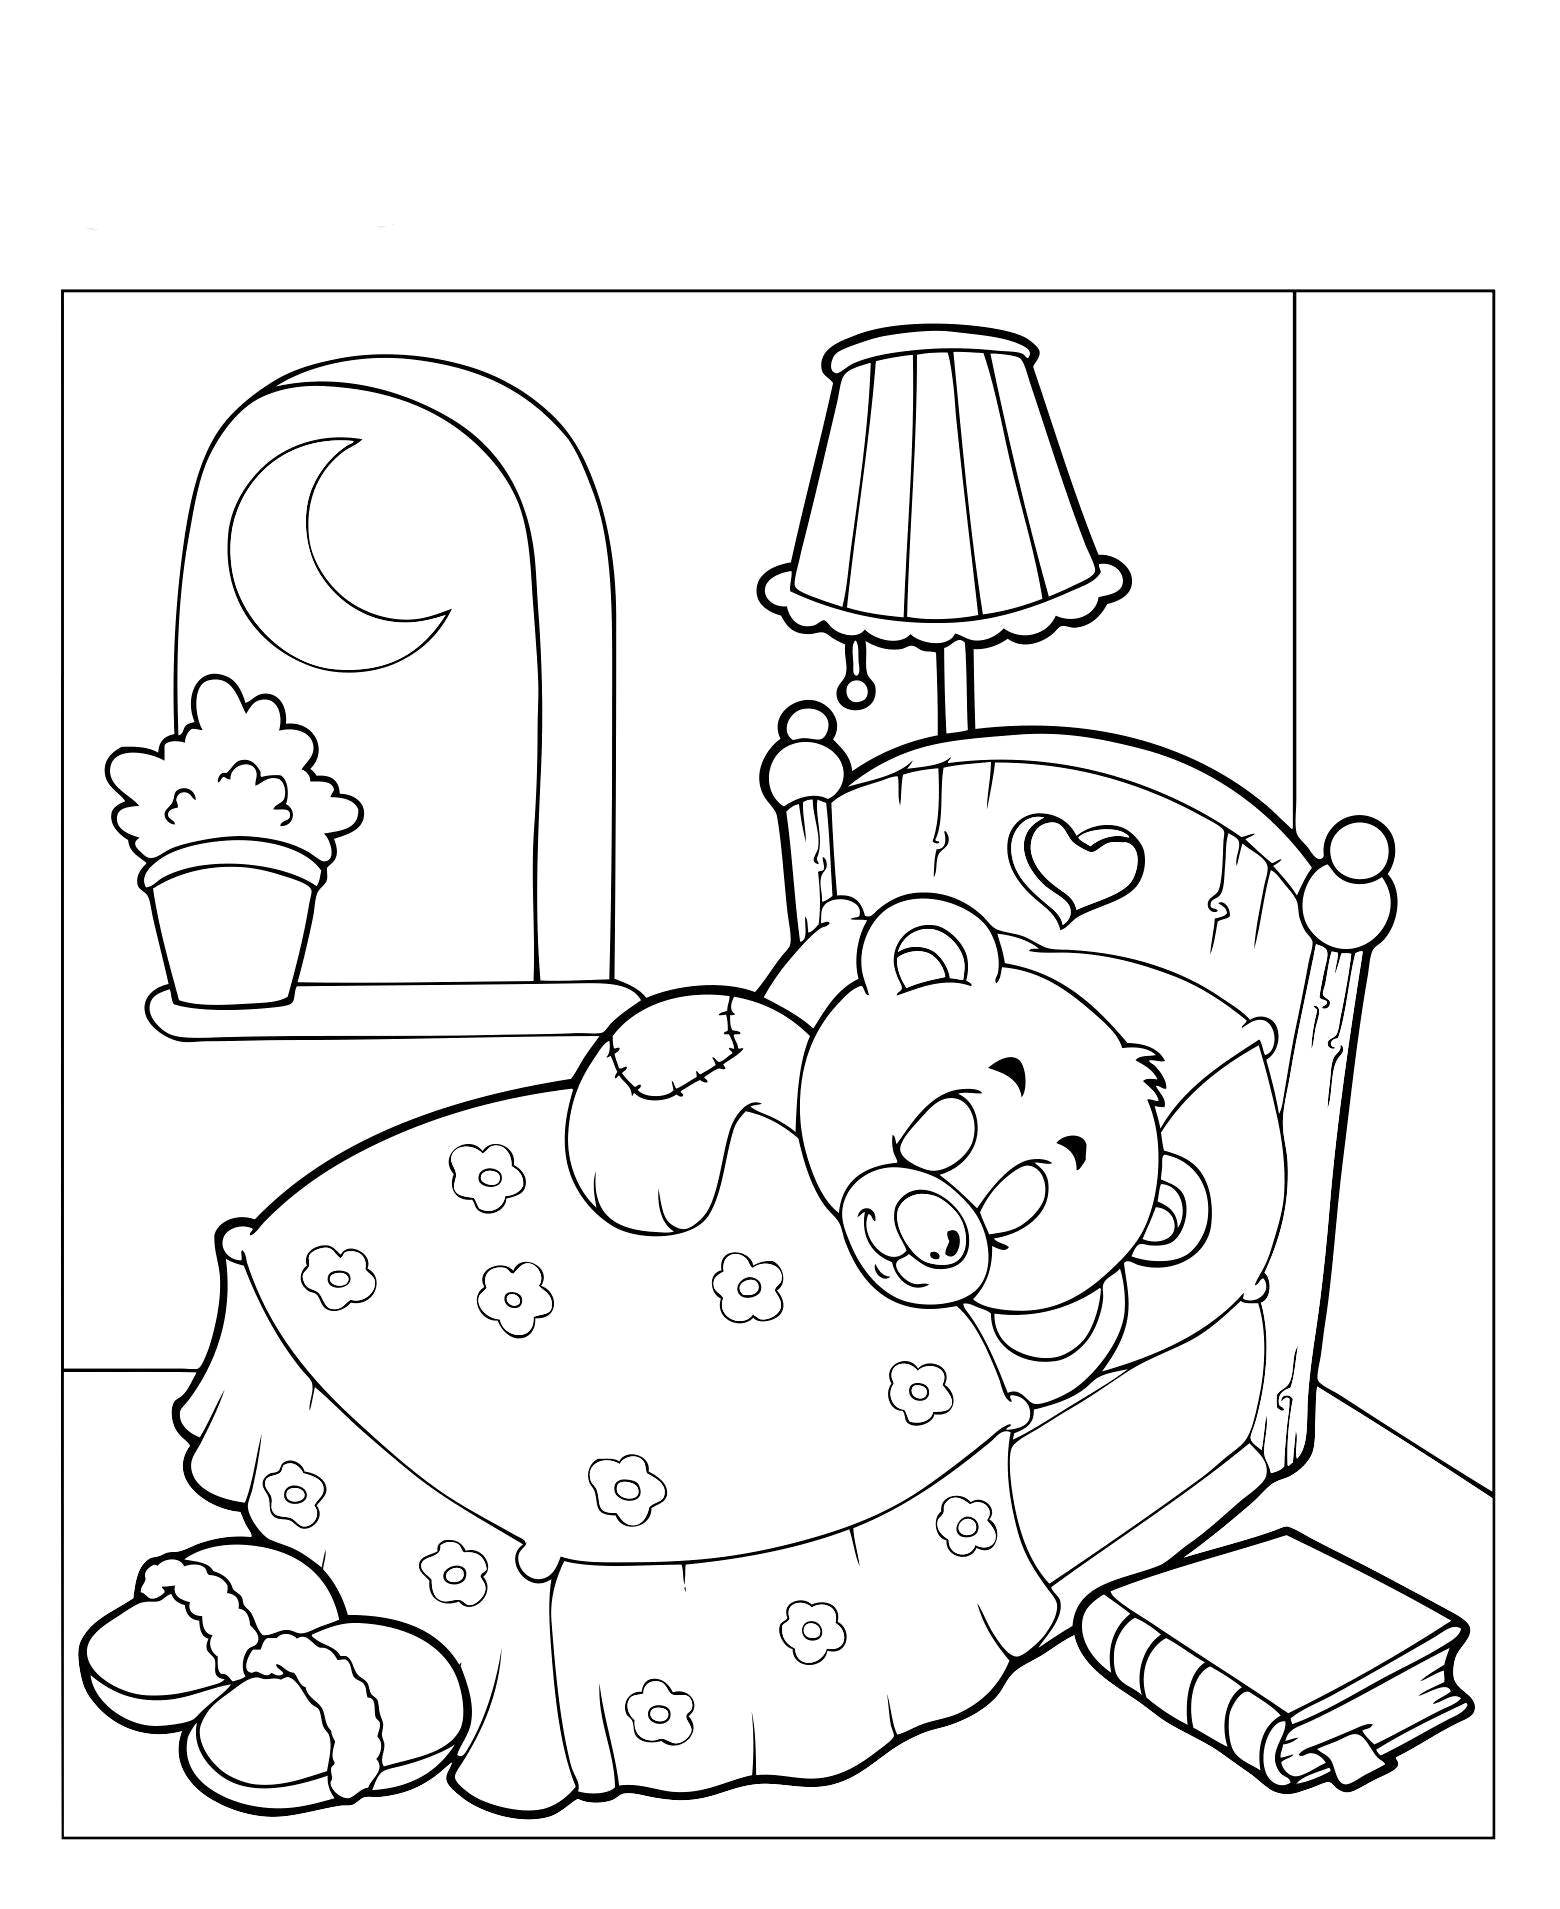 Раскраски Раскраска Новогодние печеньки Еда, Раскраски ...